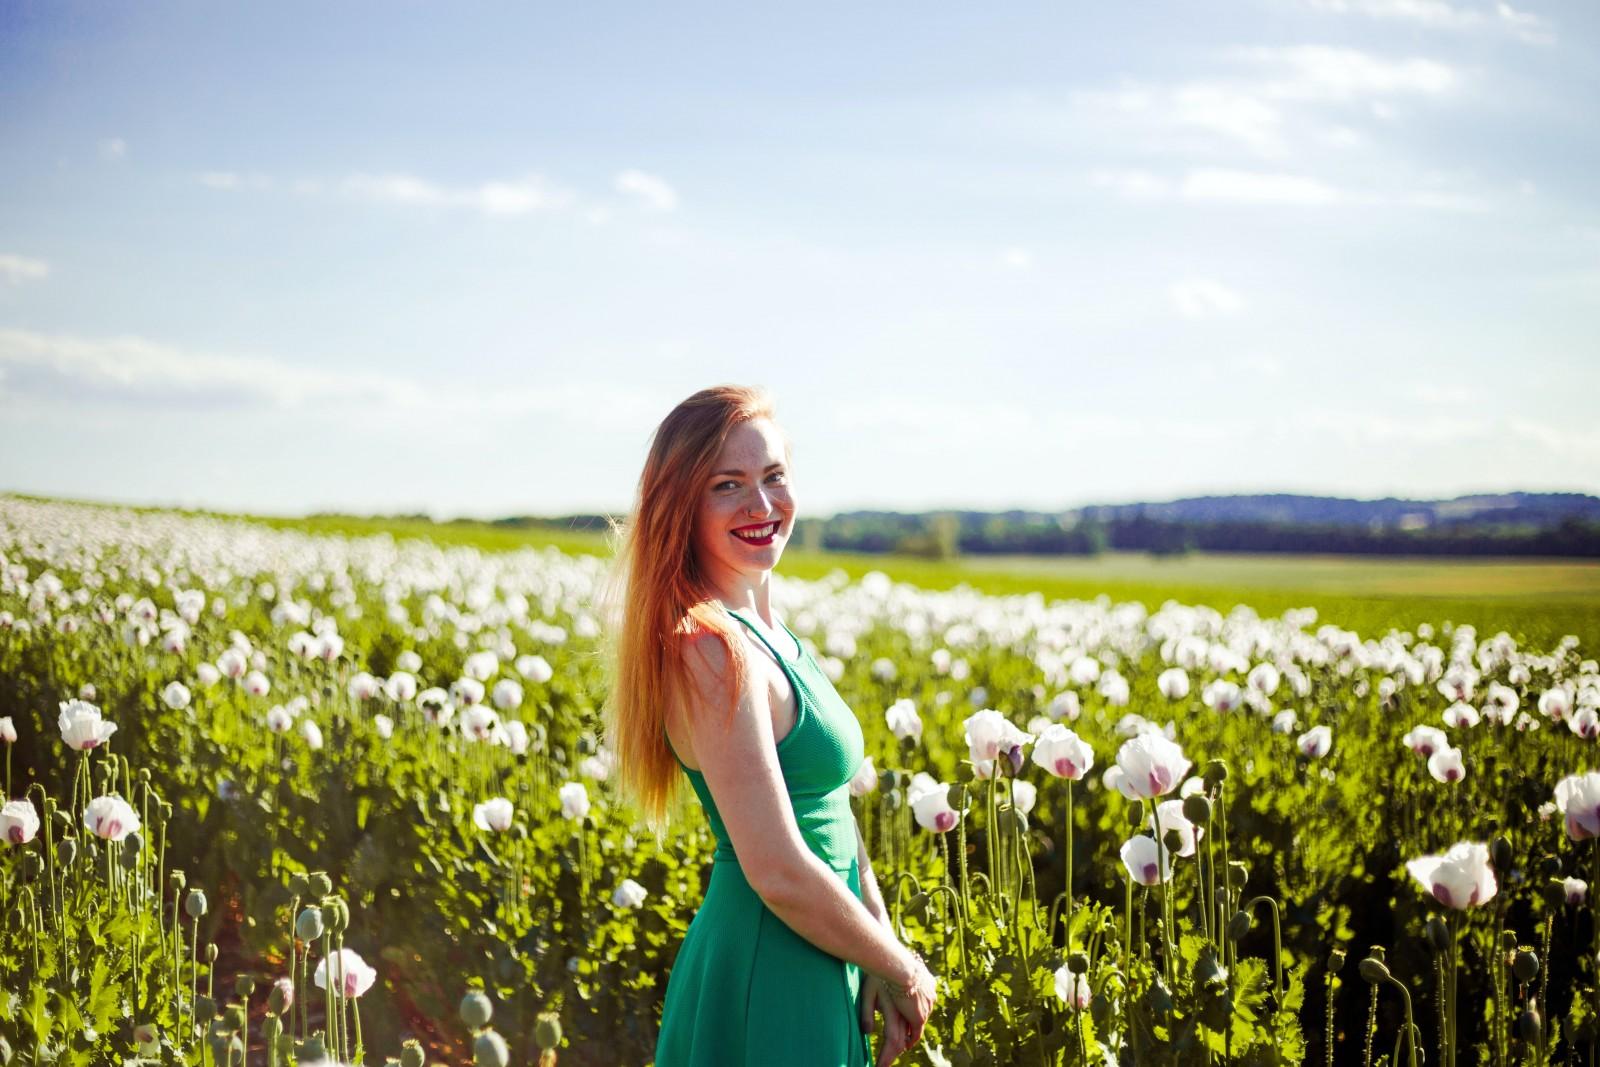 dodatki-do-zielonej-sukienki